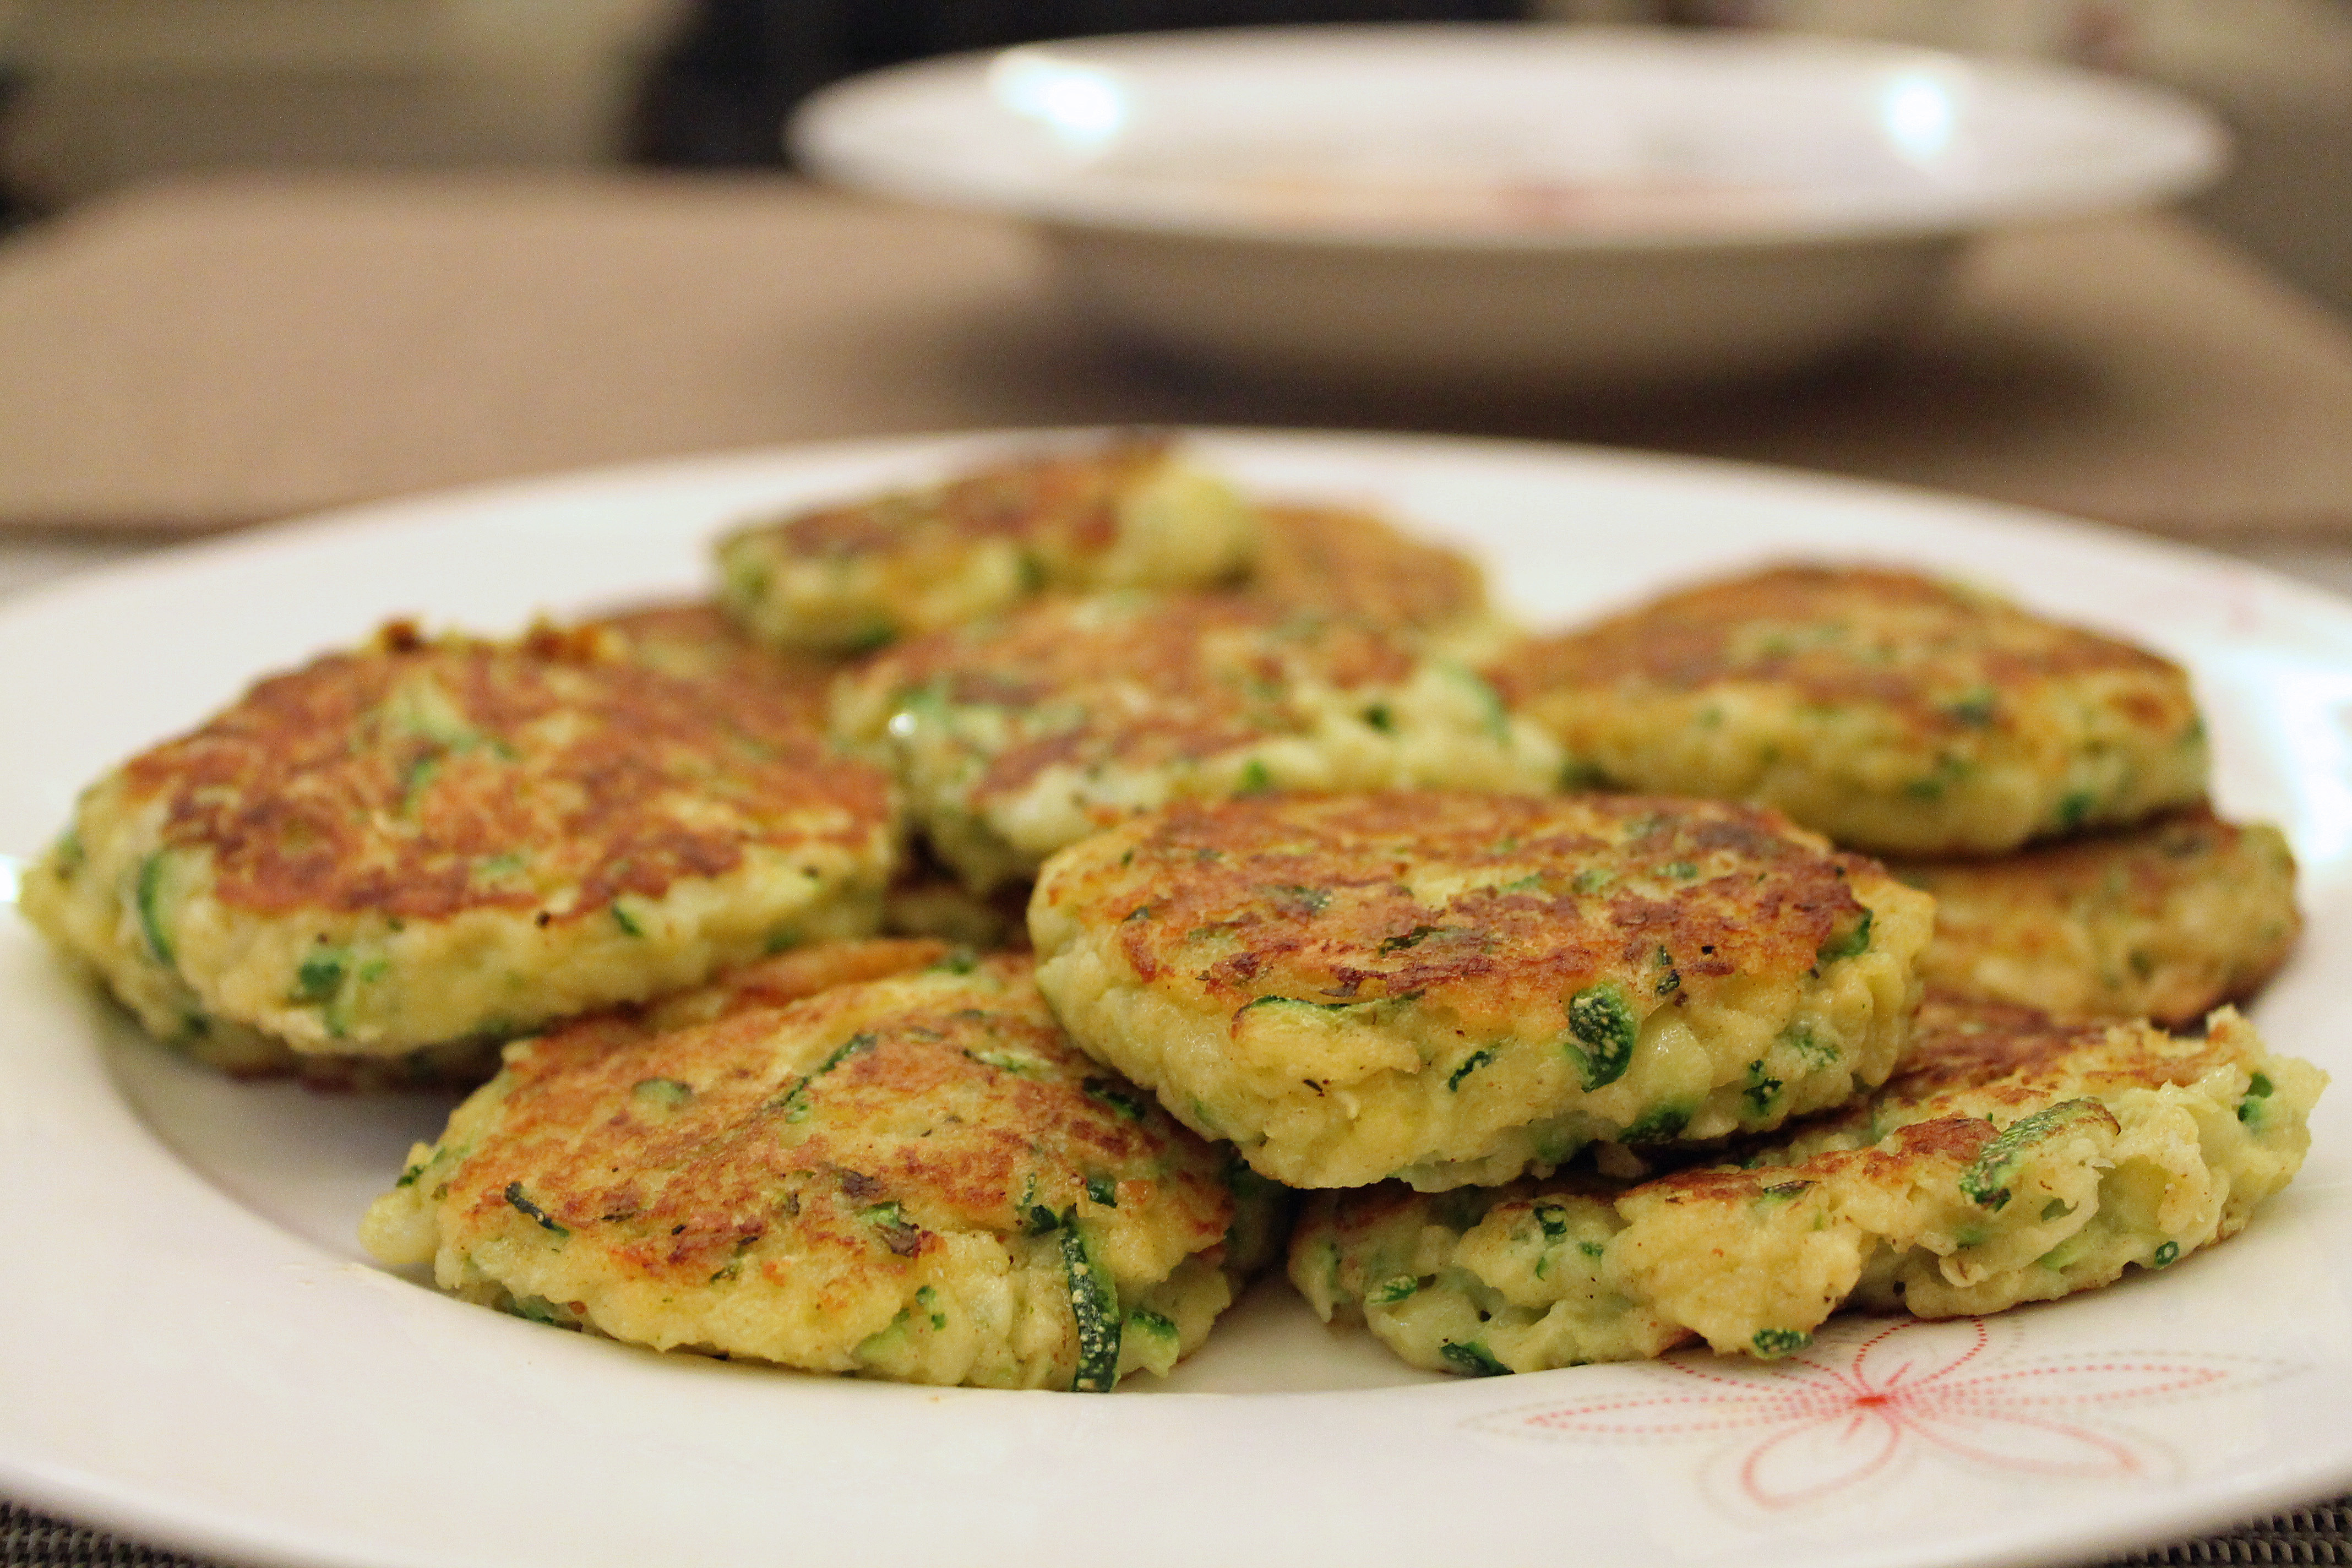 Zucchini Cakes Recipes  Zucchini Cakes Recipes — Dishmaps